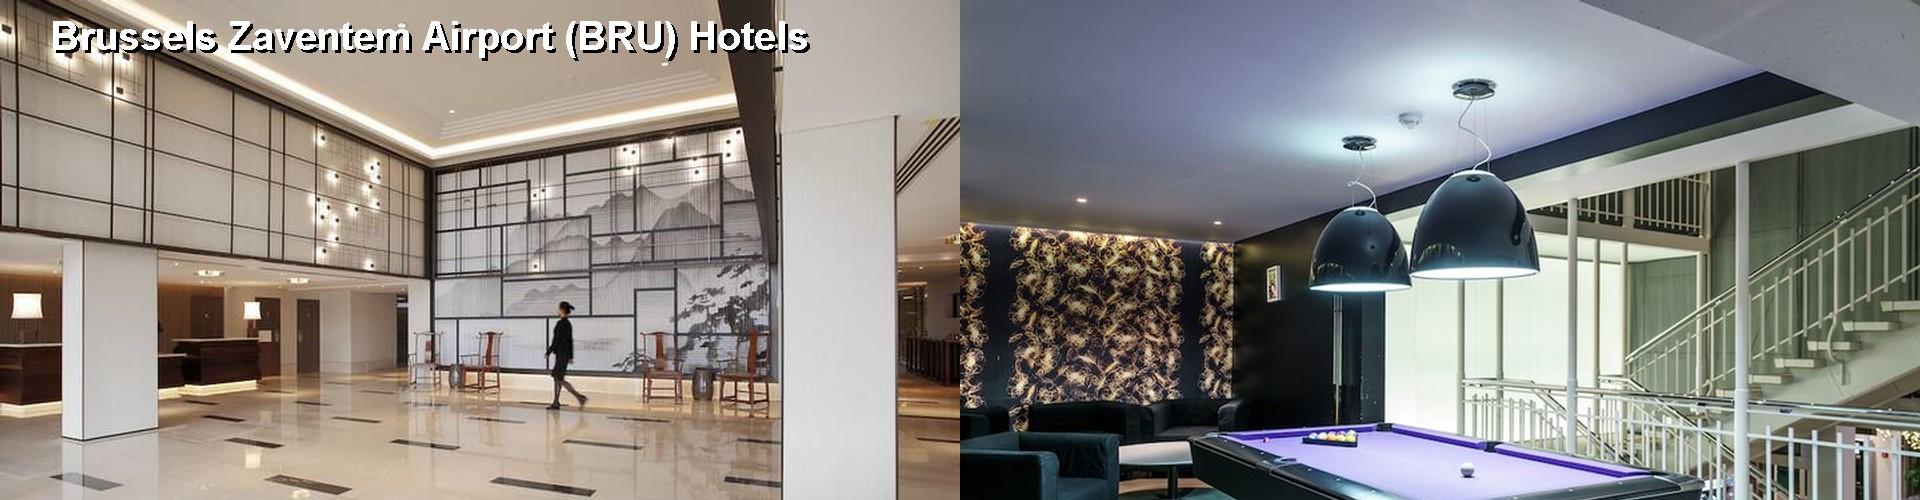 5 Best Hotels Near Brussels Zaventem Airport Bru